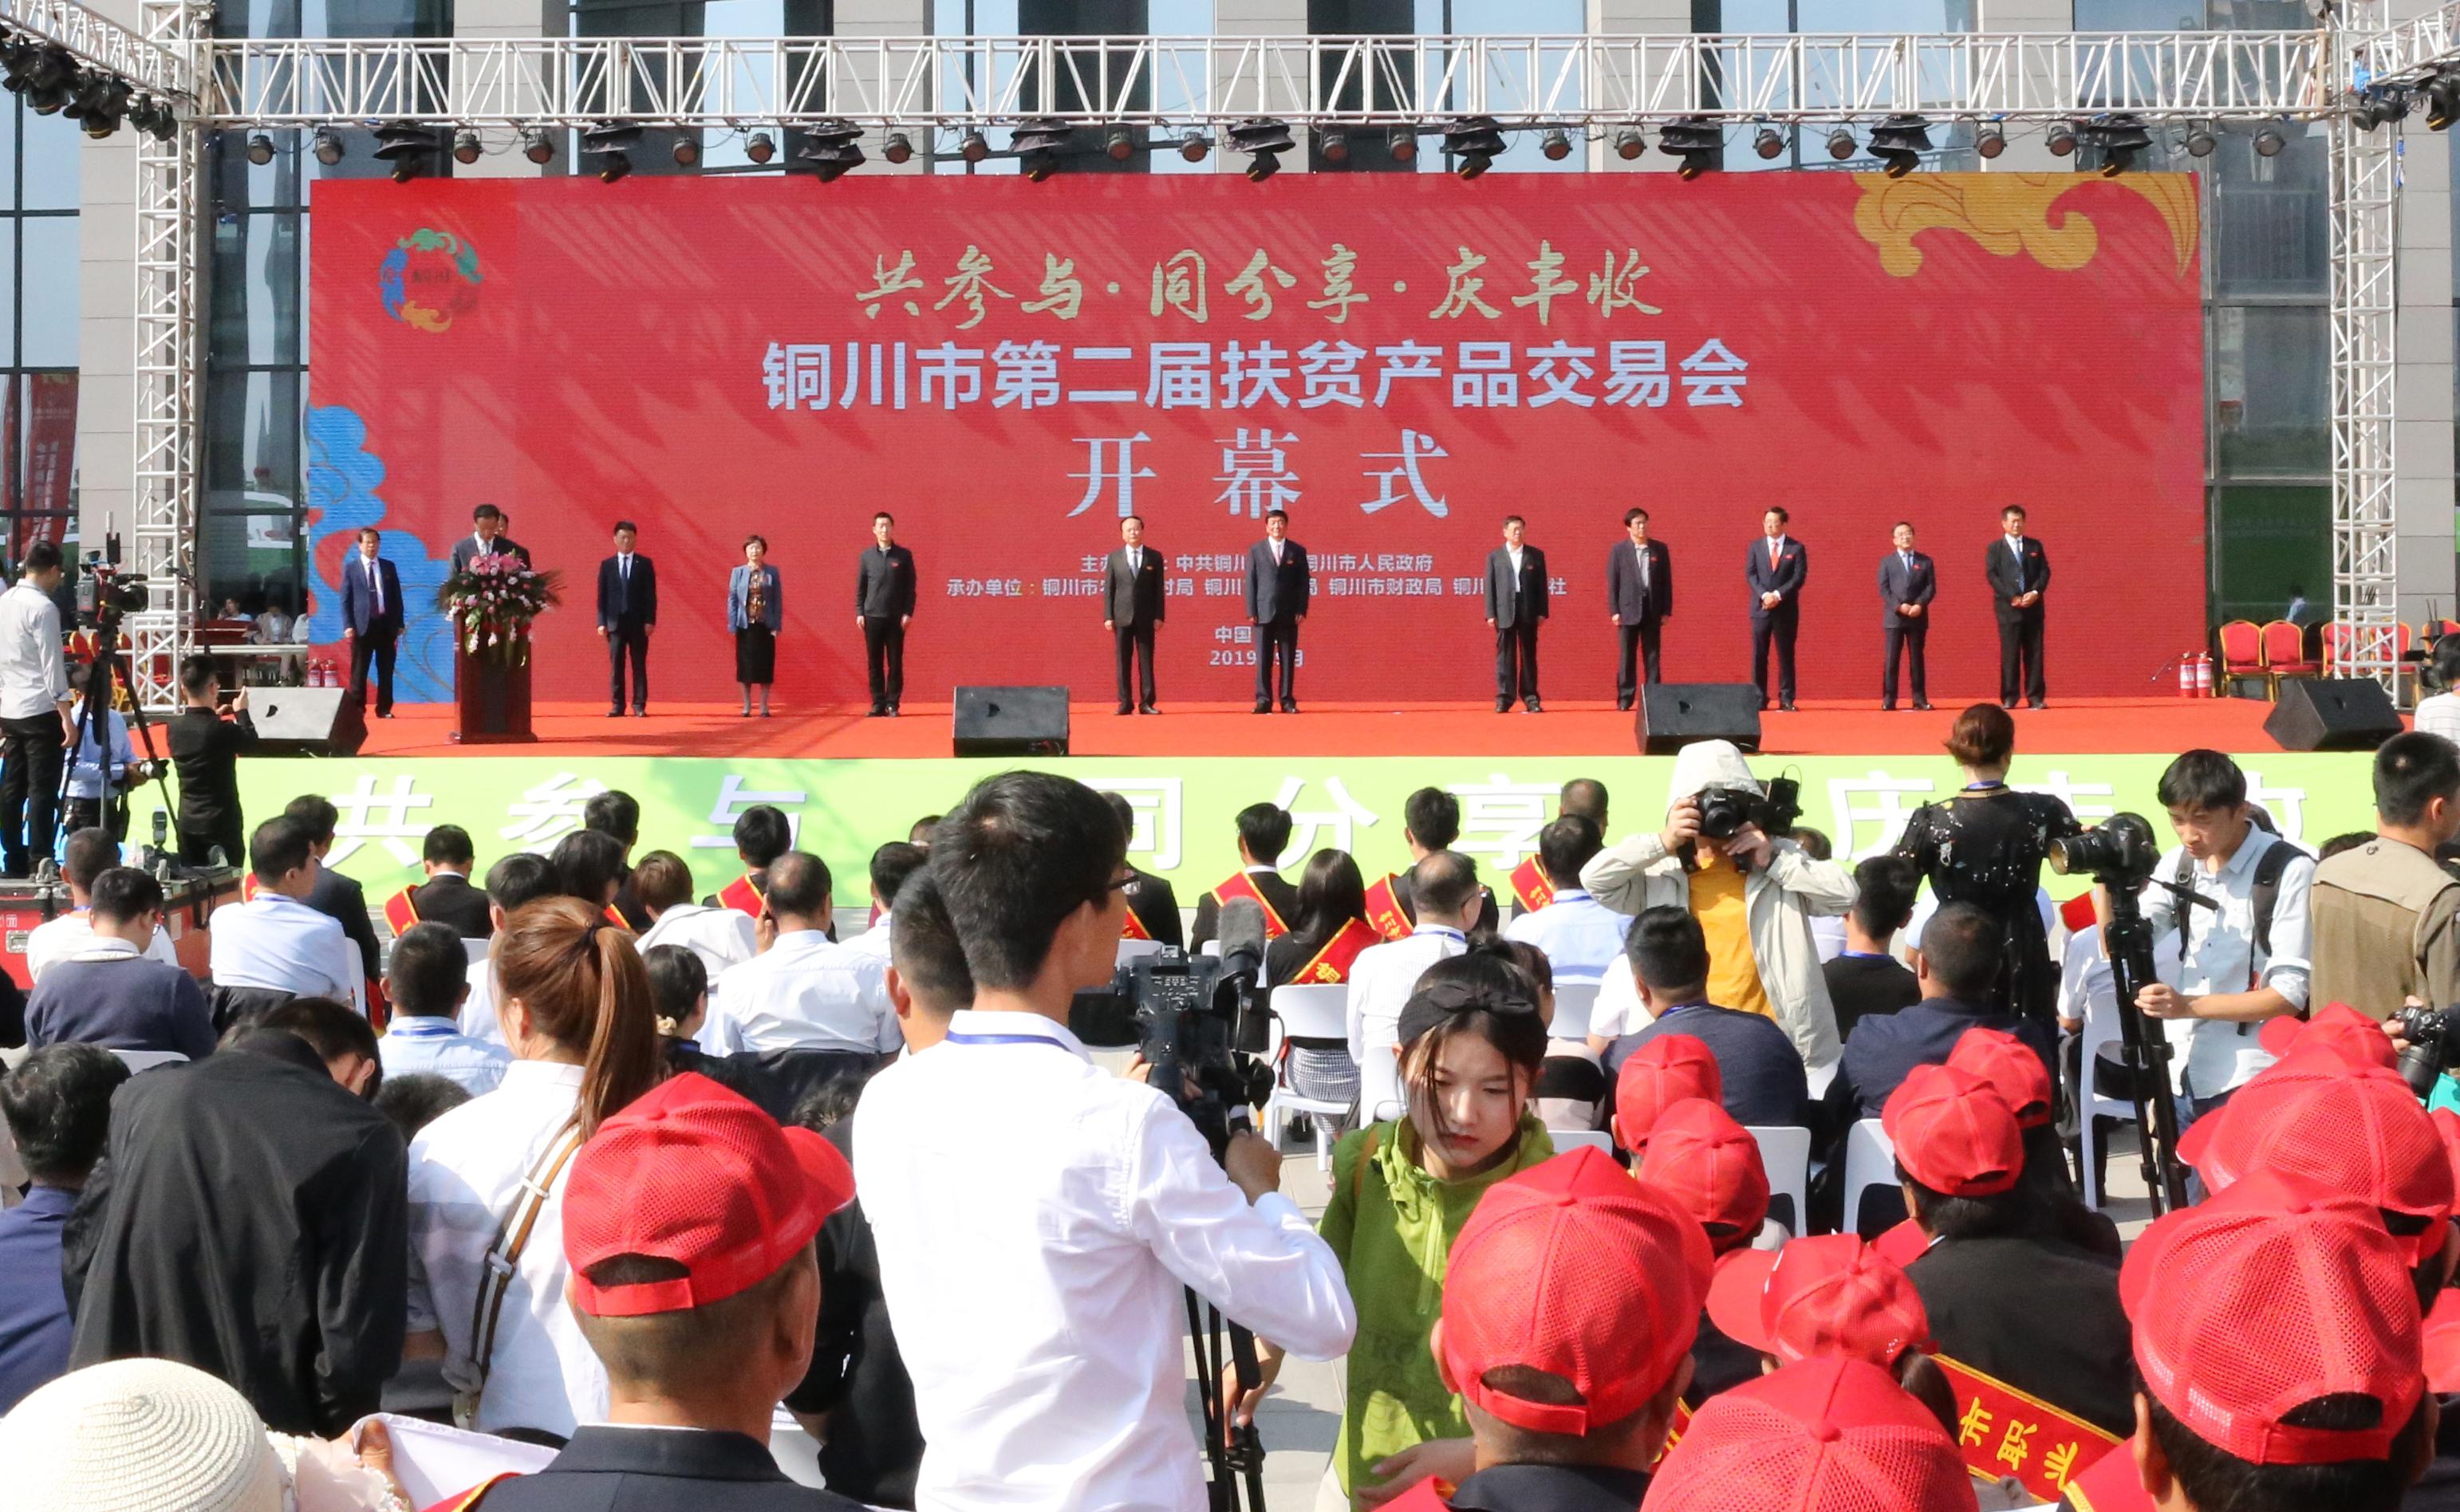 上万人参加铜川市第二届扶贫产品交易会